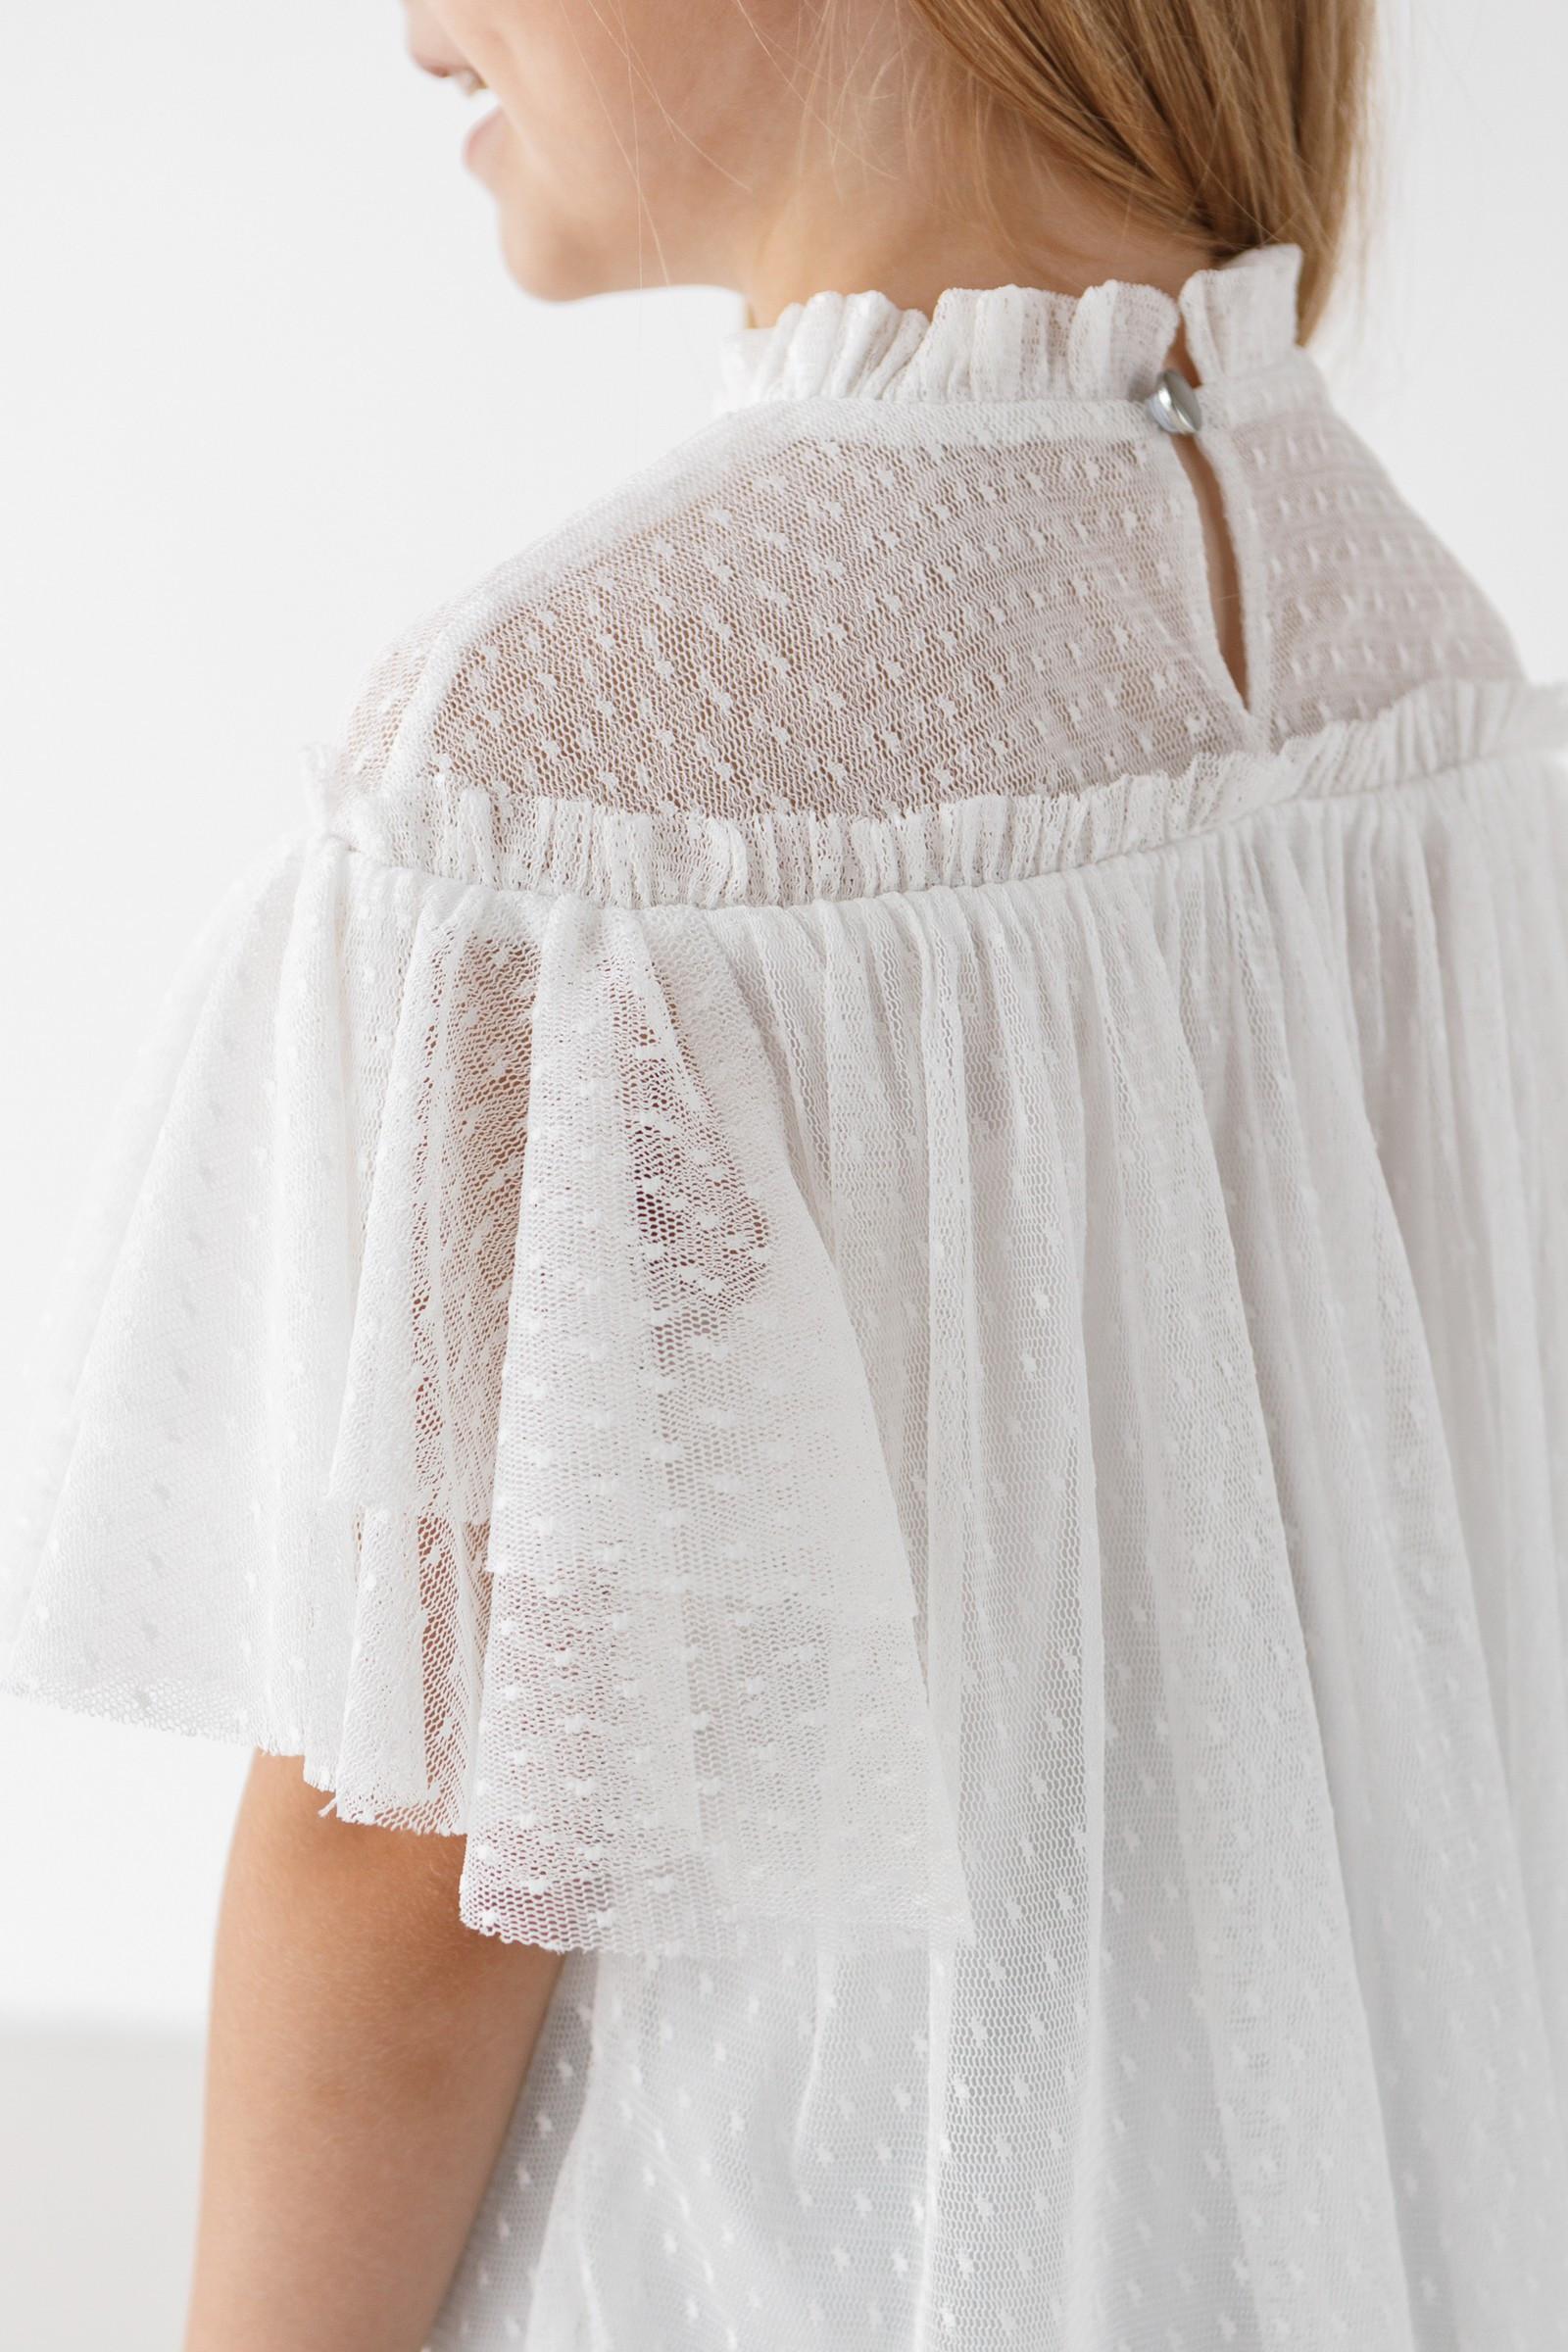 Блуза Любава, фото №4